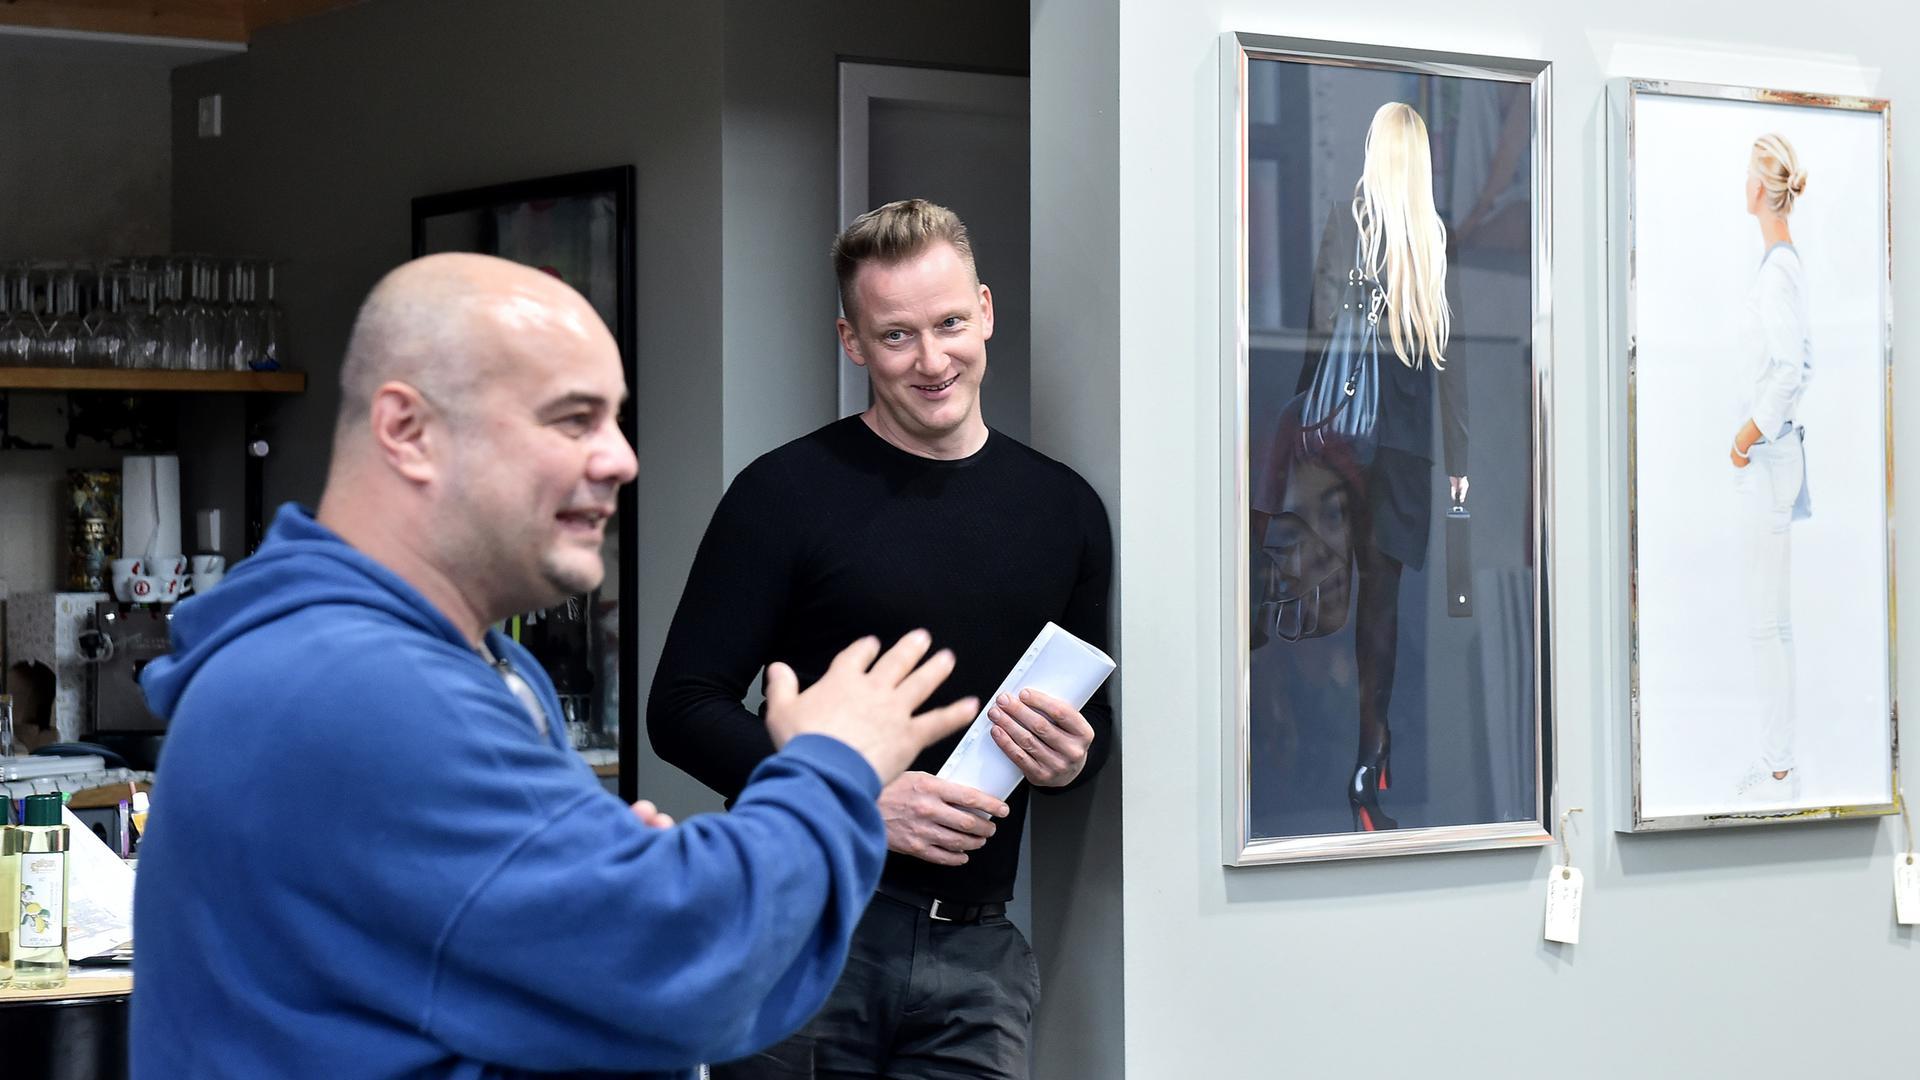 zu Besuch in der Kunstgalerie art 42 mit Atilla Kirbas und Messemacher Raiko Schwalbe